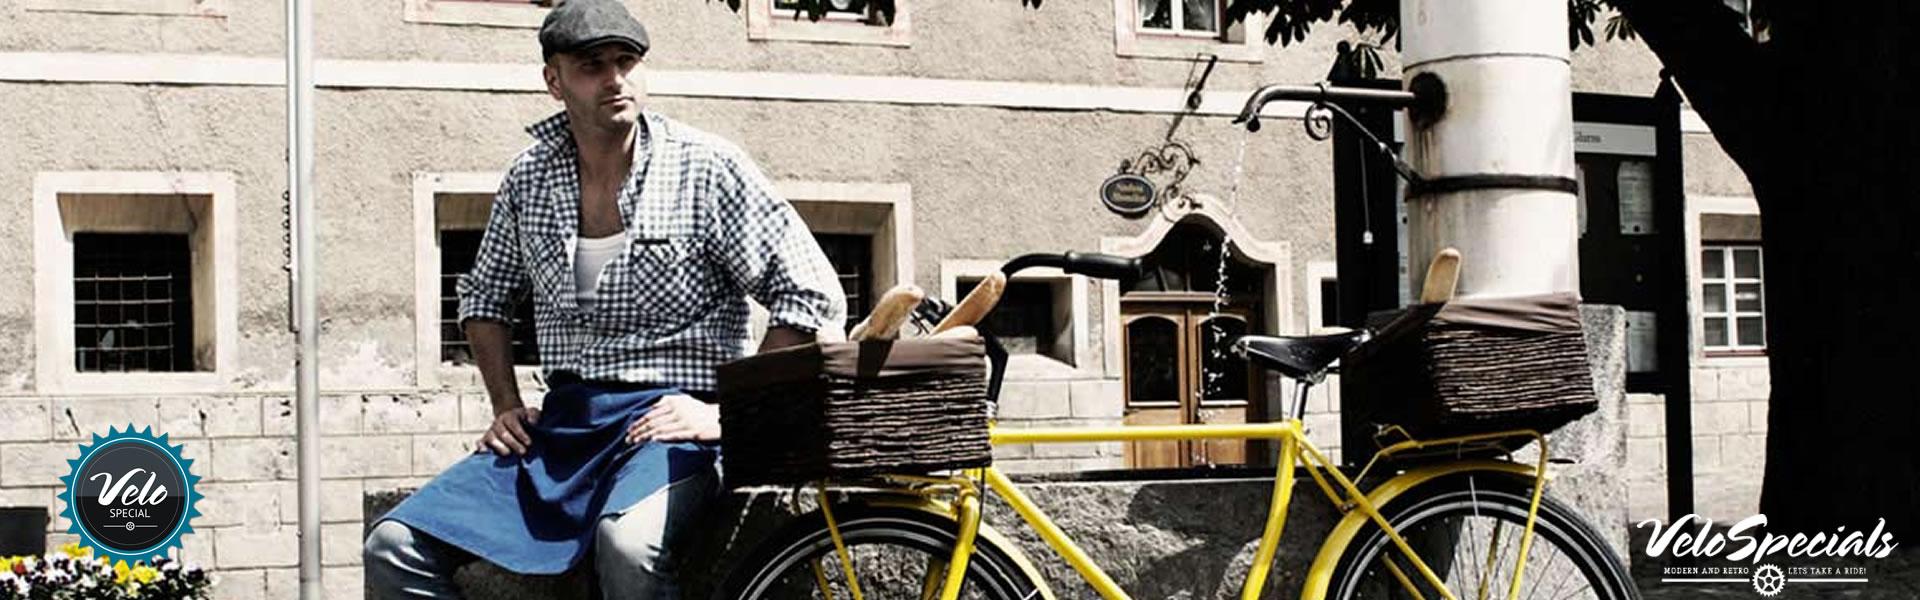 Retrofietsen, italiaanse designfietsen, design stadsfietsen